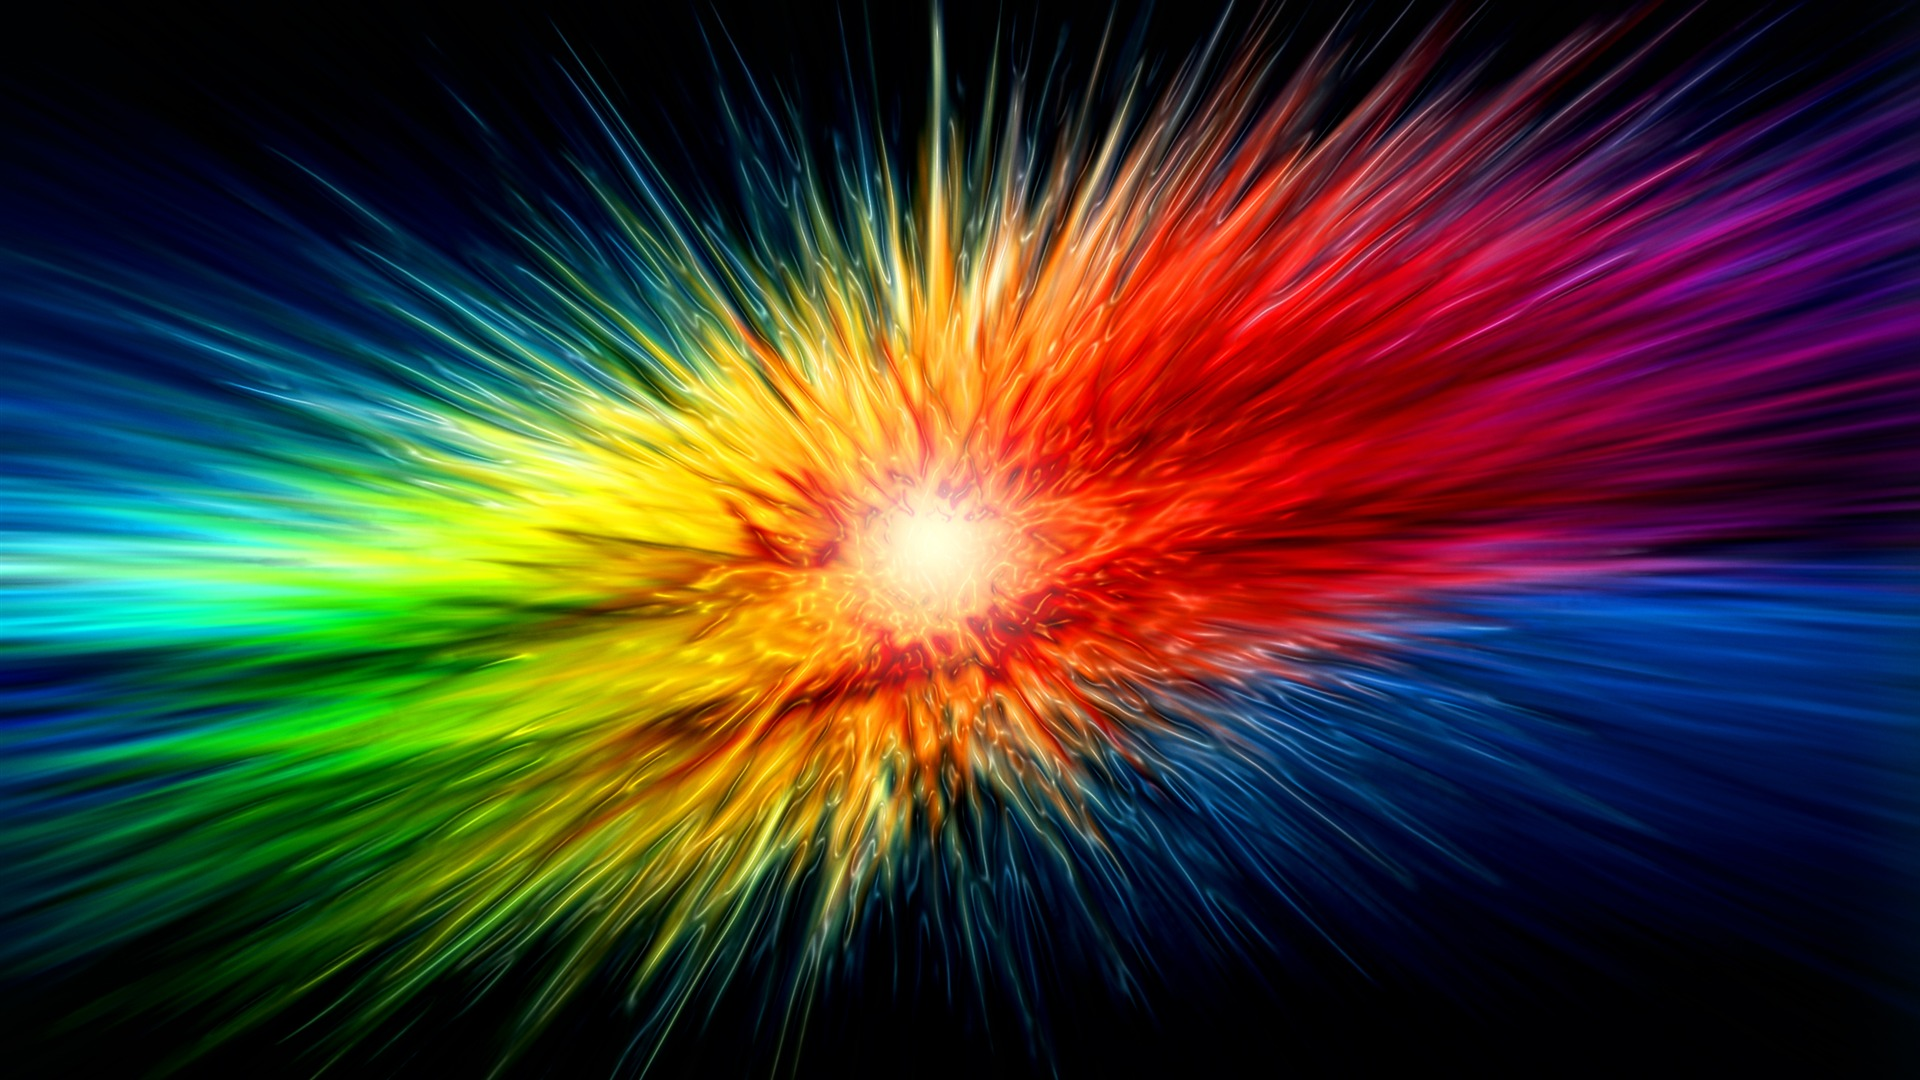 Super Bright Color Background Wallpaper 2 10